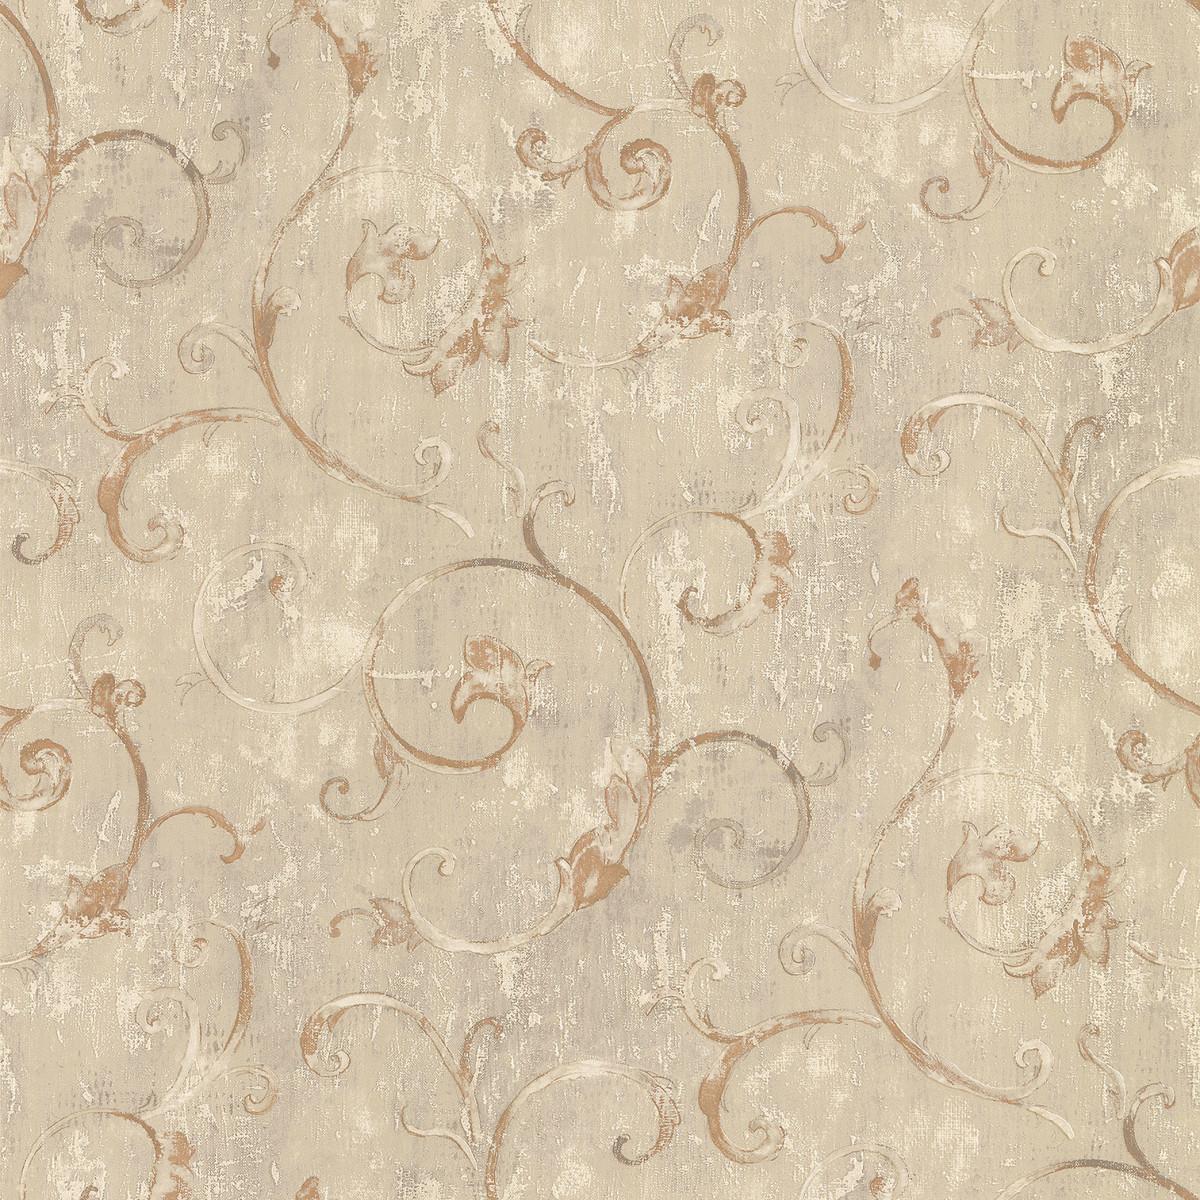 Обои виниловые Aura Silks &amp Textures бежевые 0.53 м FT23547